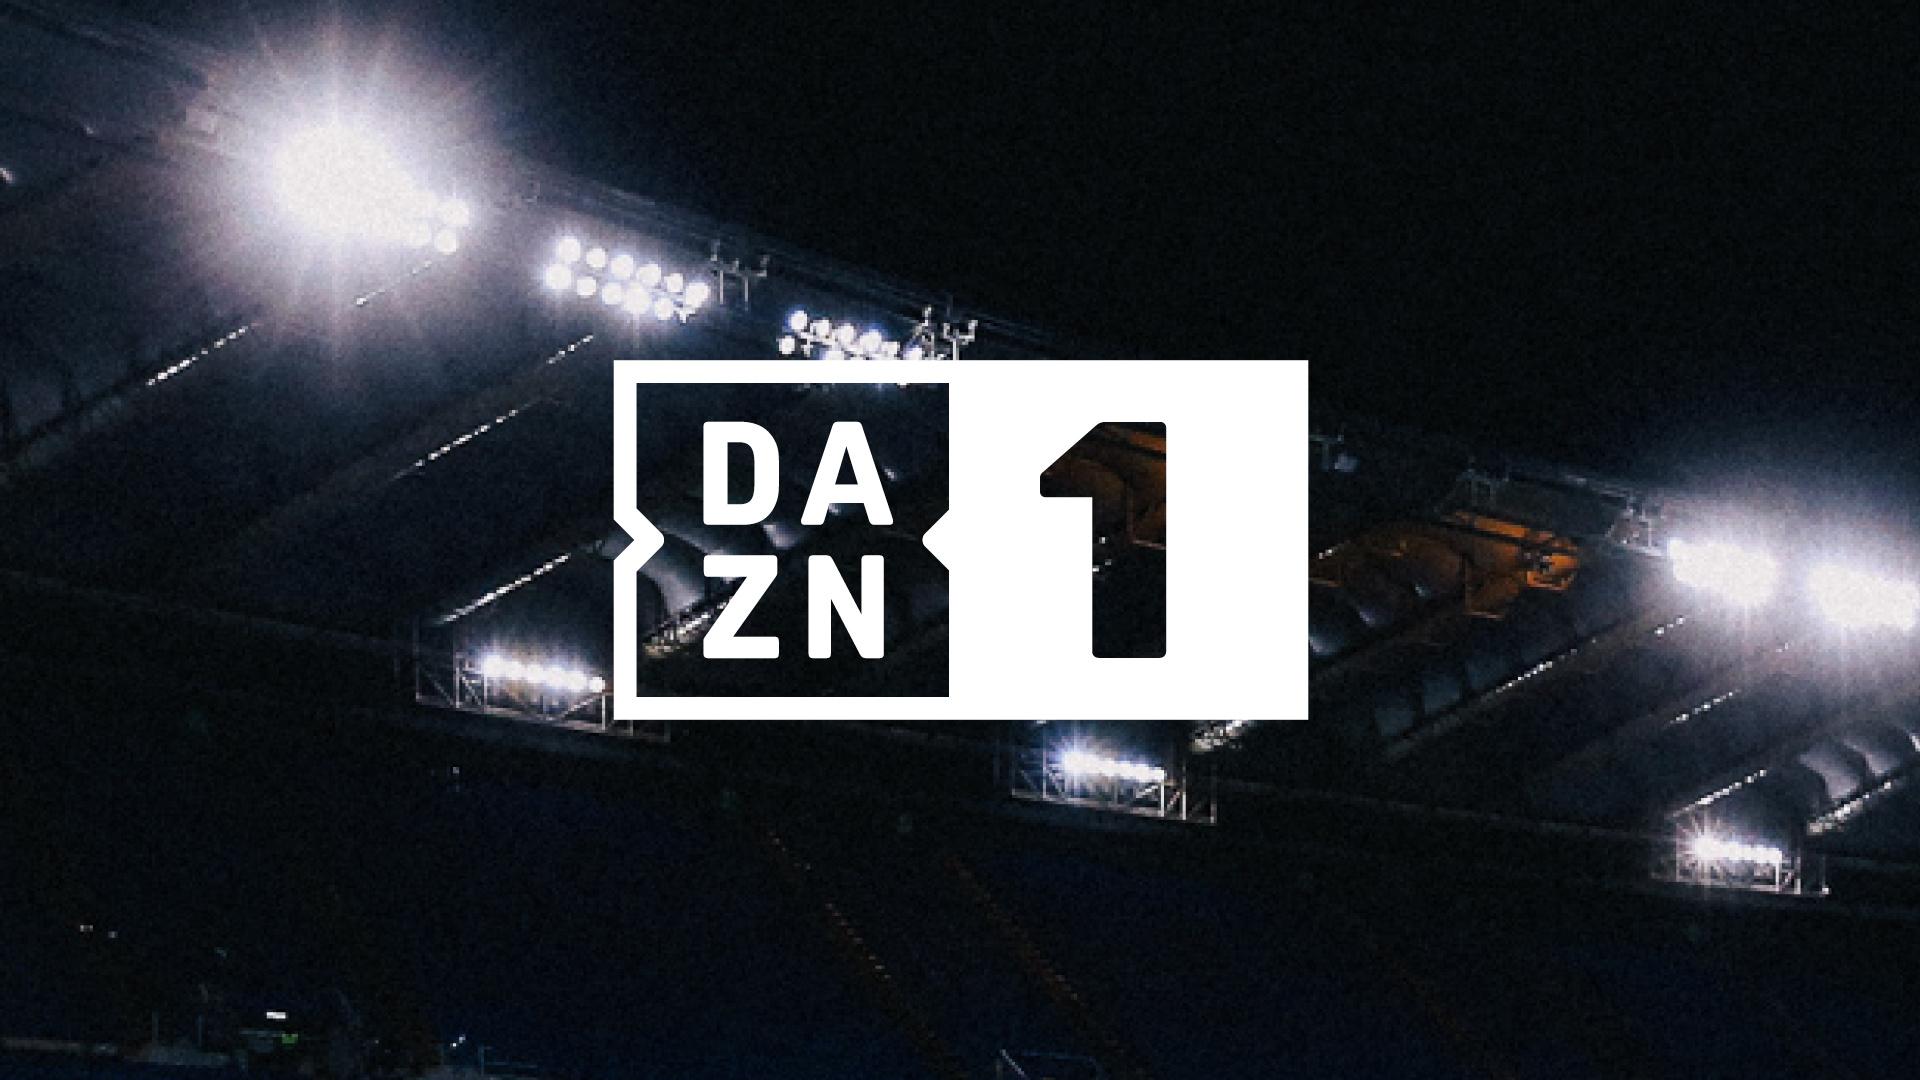 DAZN 1 (canale 209 Sky Sport), Palinsesto 26 Giugno - 2 Luglio 2020